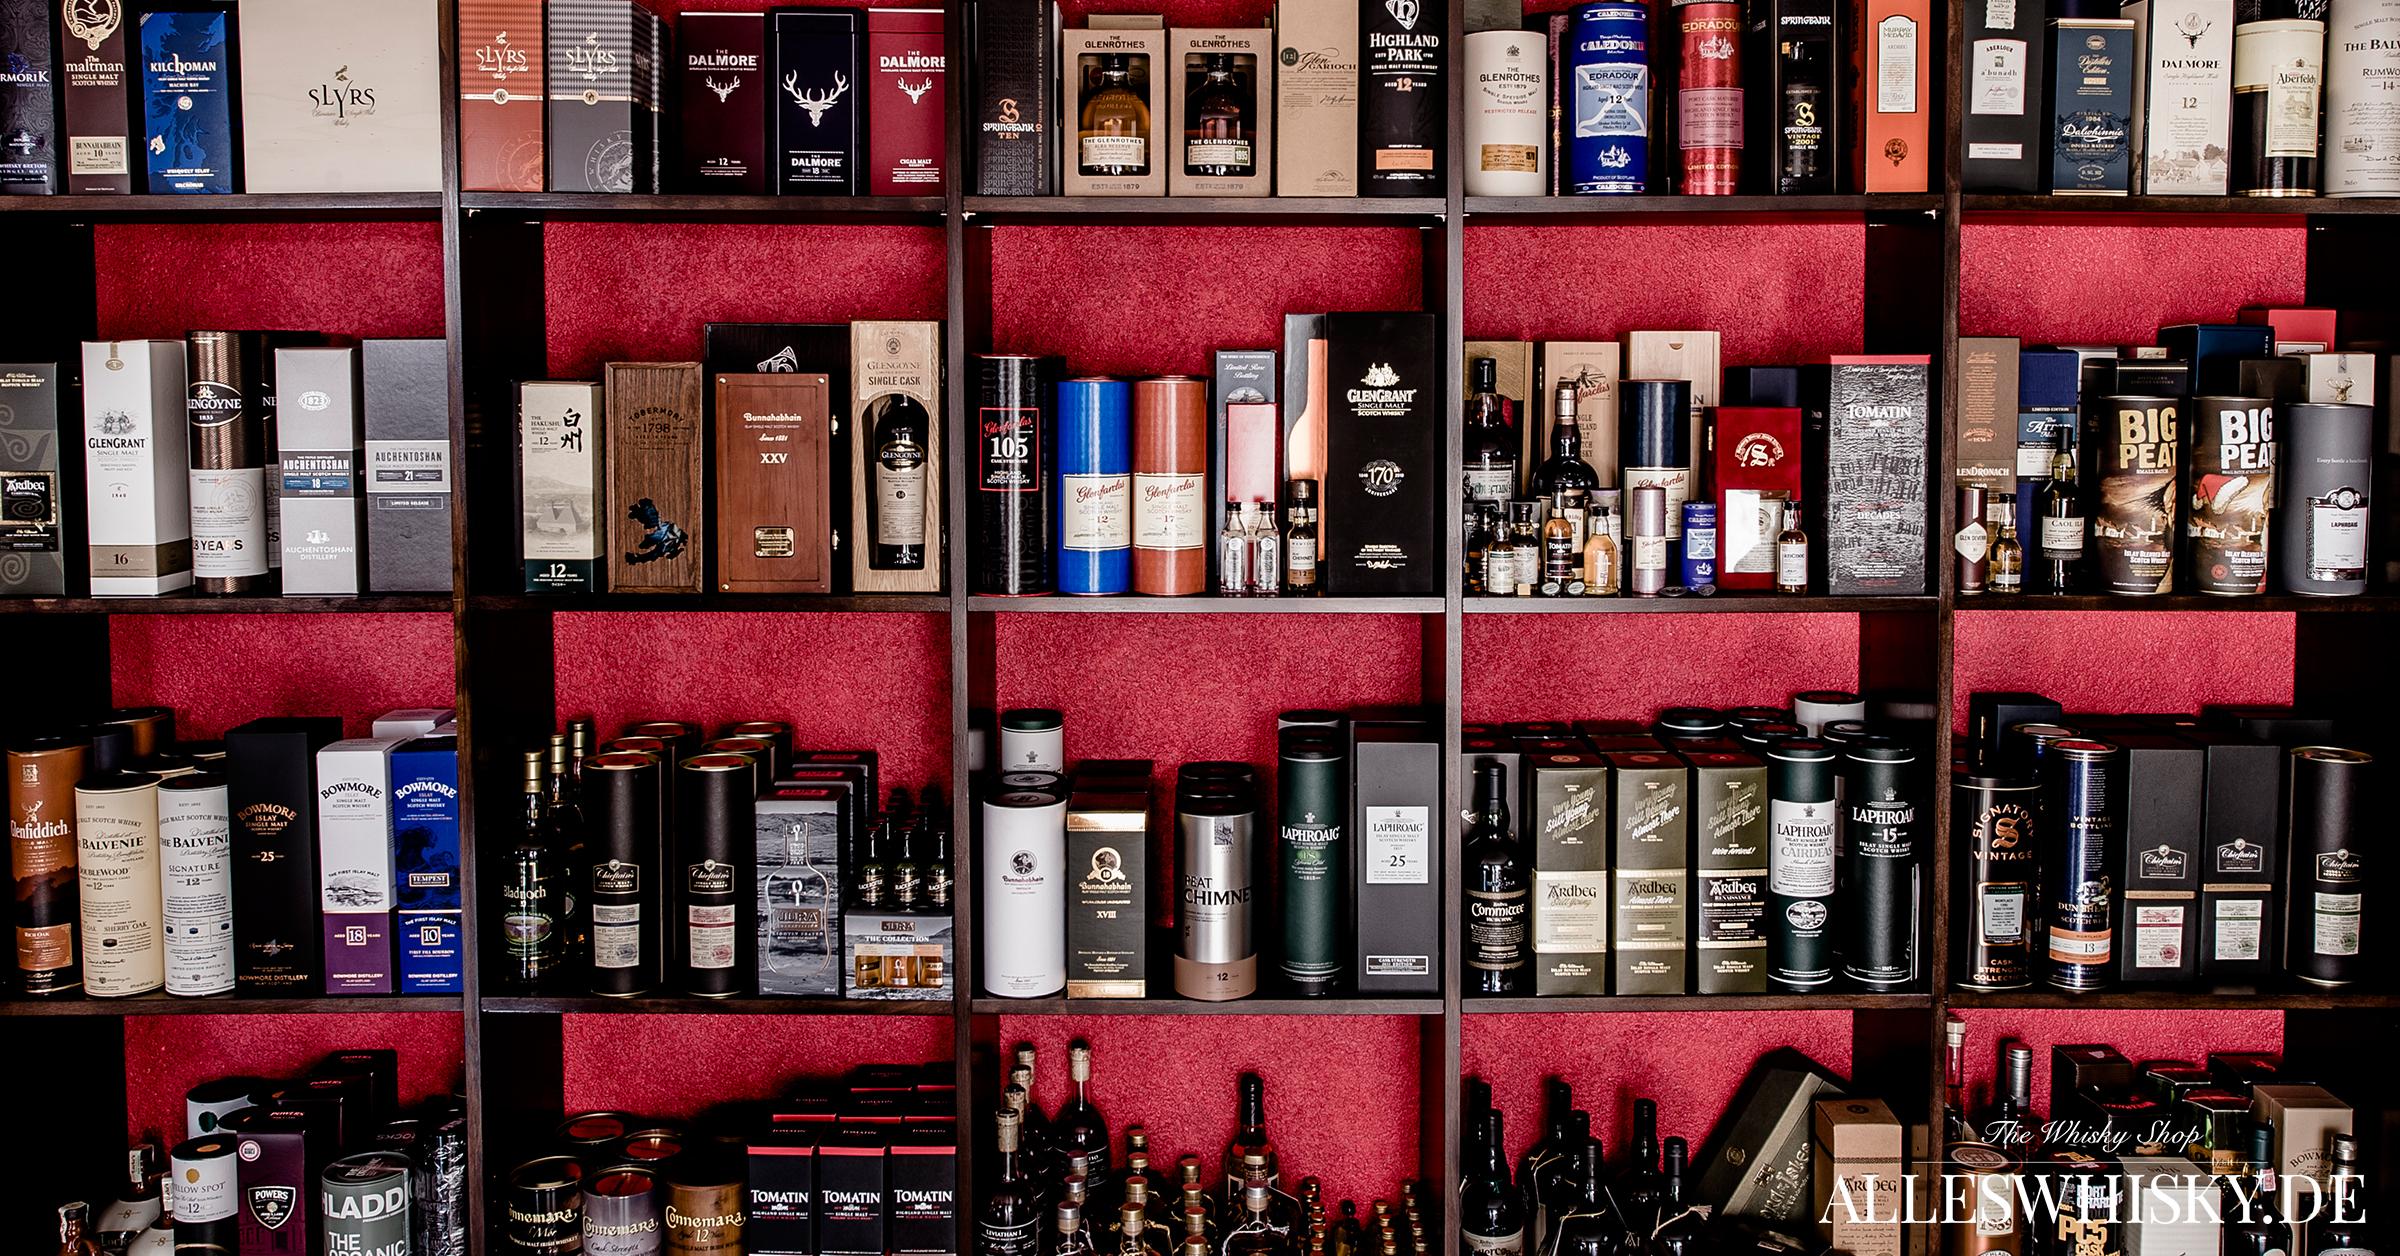 Whiskyregal mit vielen exklusiven Abfüllungen